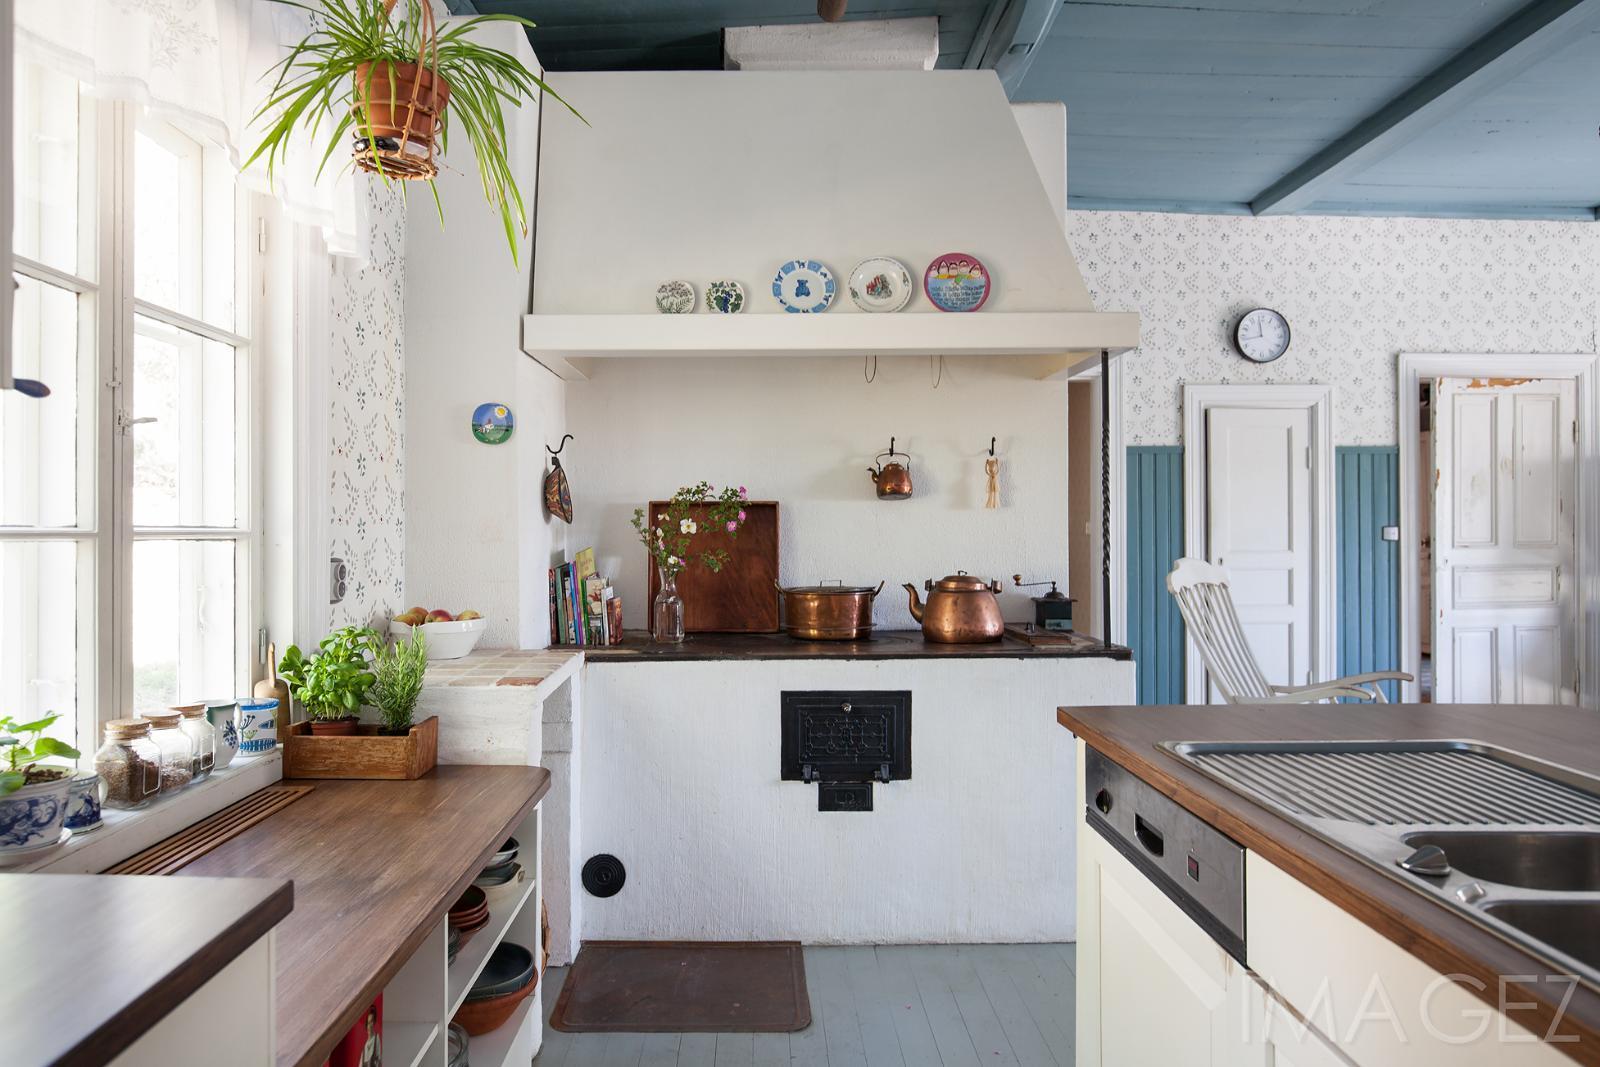 Kodikas keittiö ja kaunis puuhella  Etuovi com Ideat & vinkit